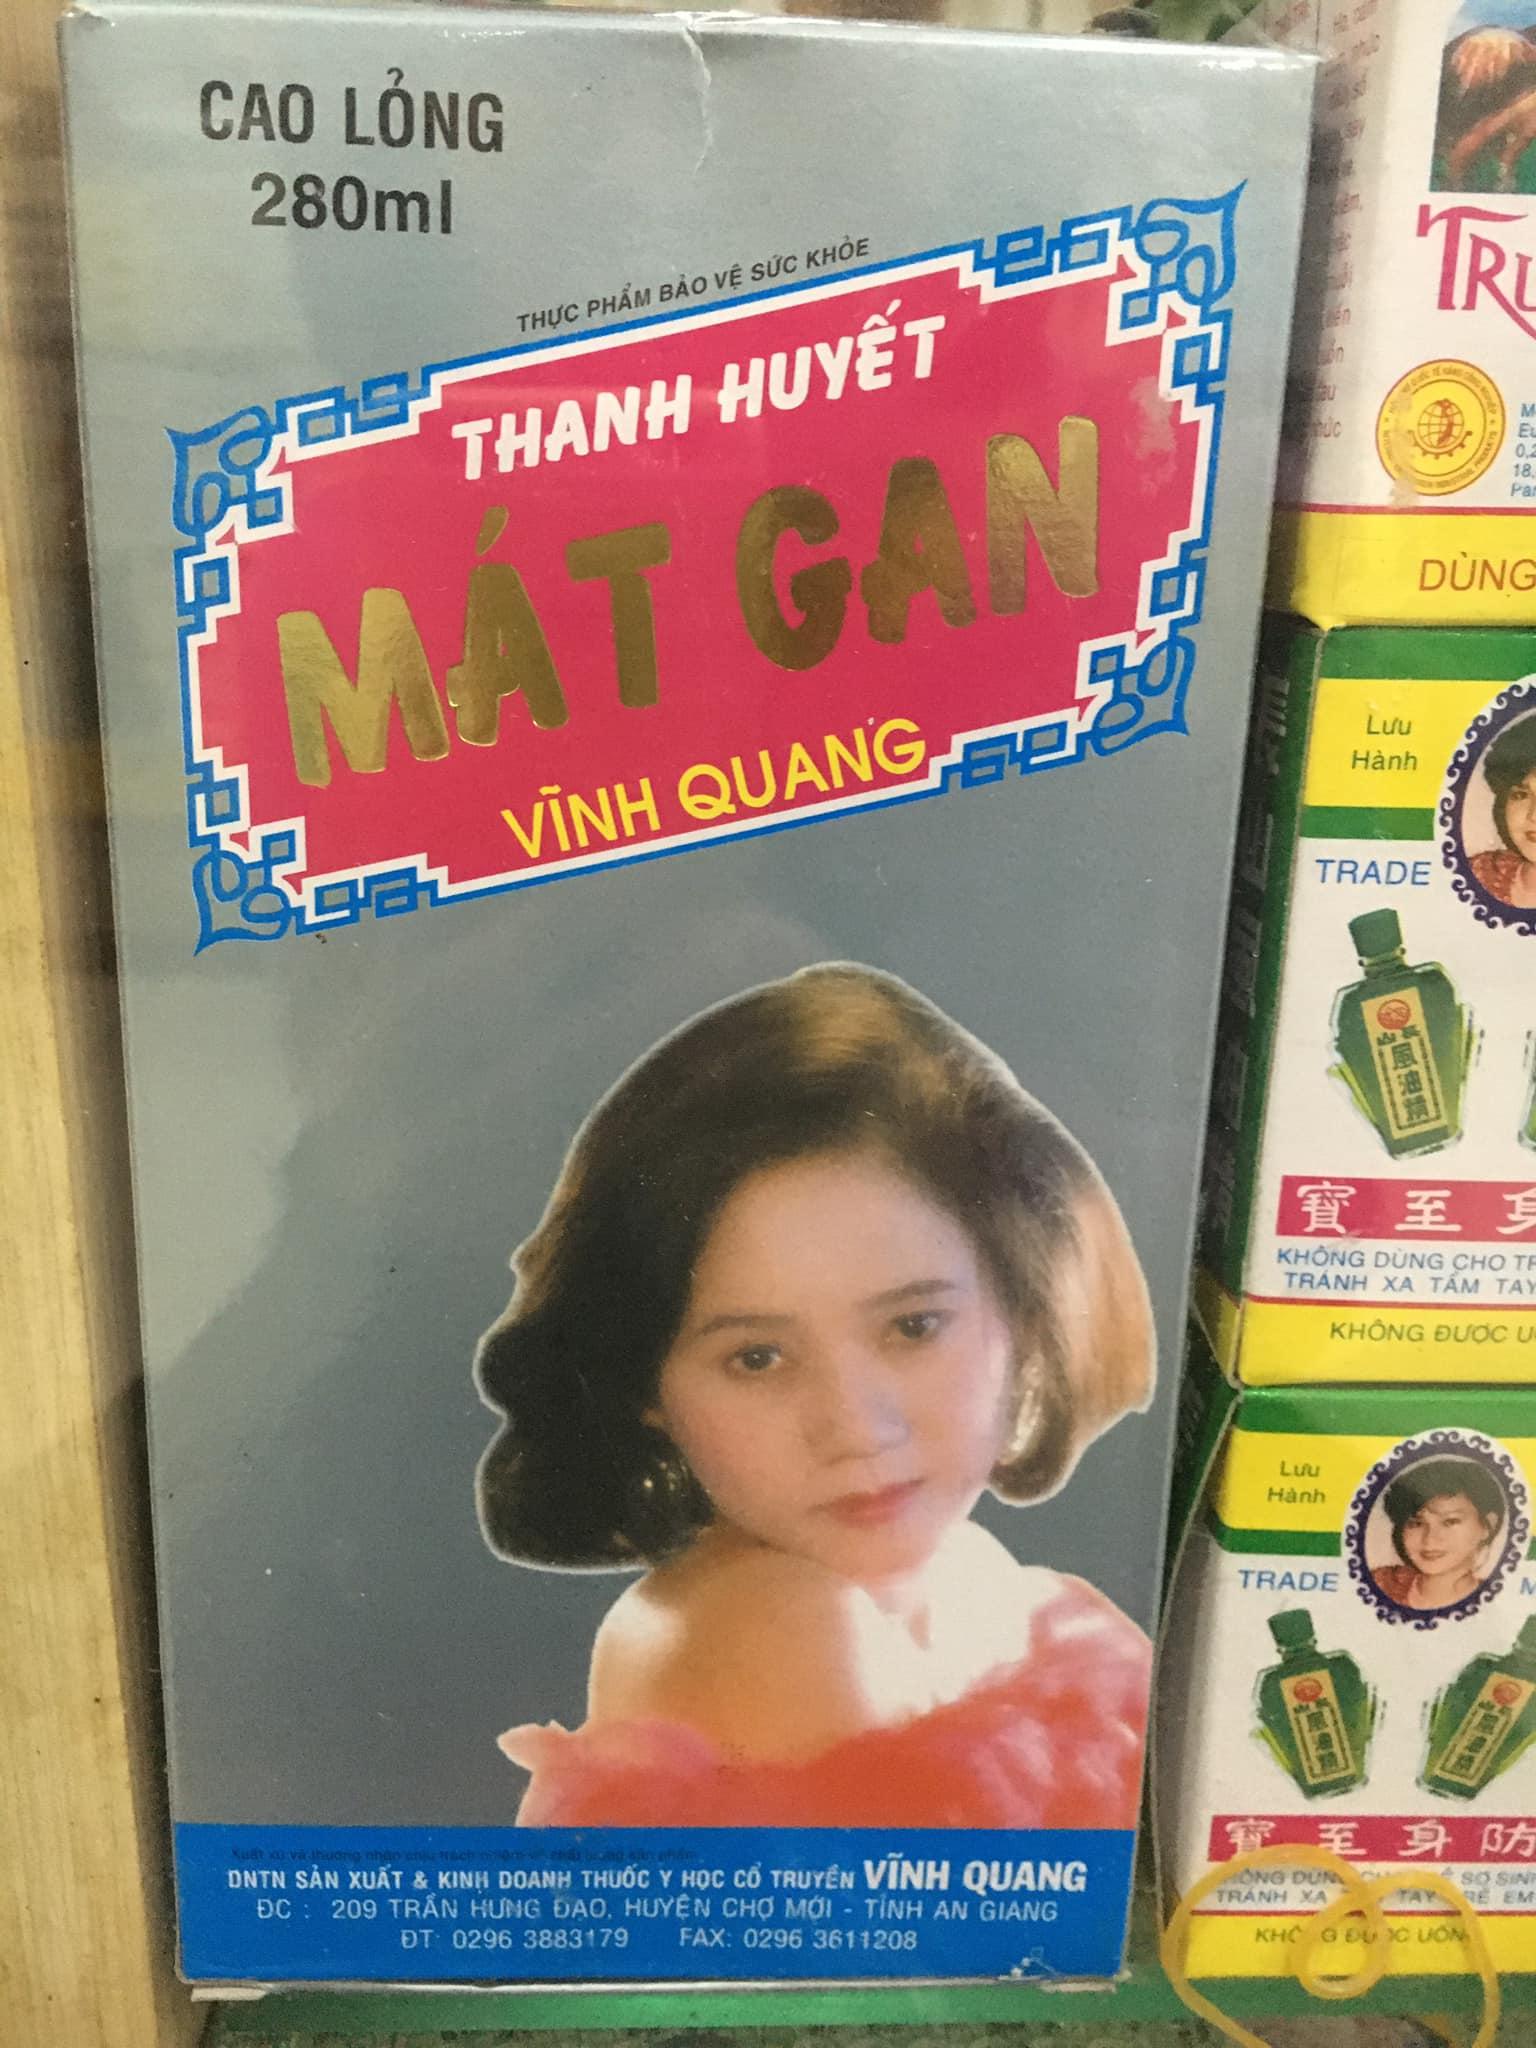 Thanh Huyết Mát Gan Vĩnh Quang